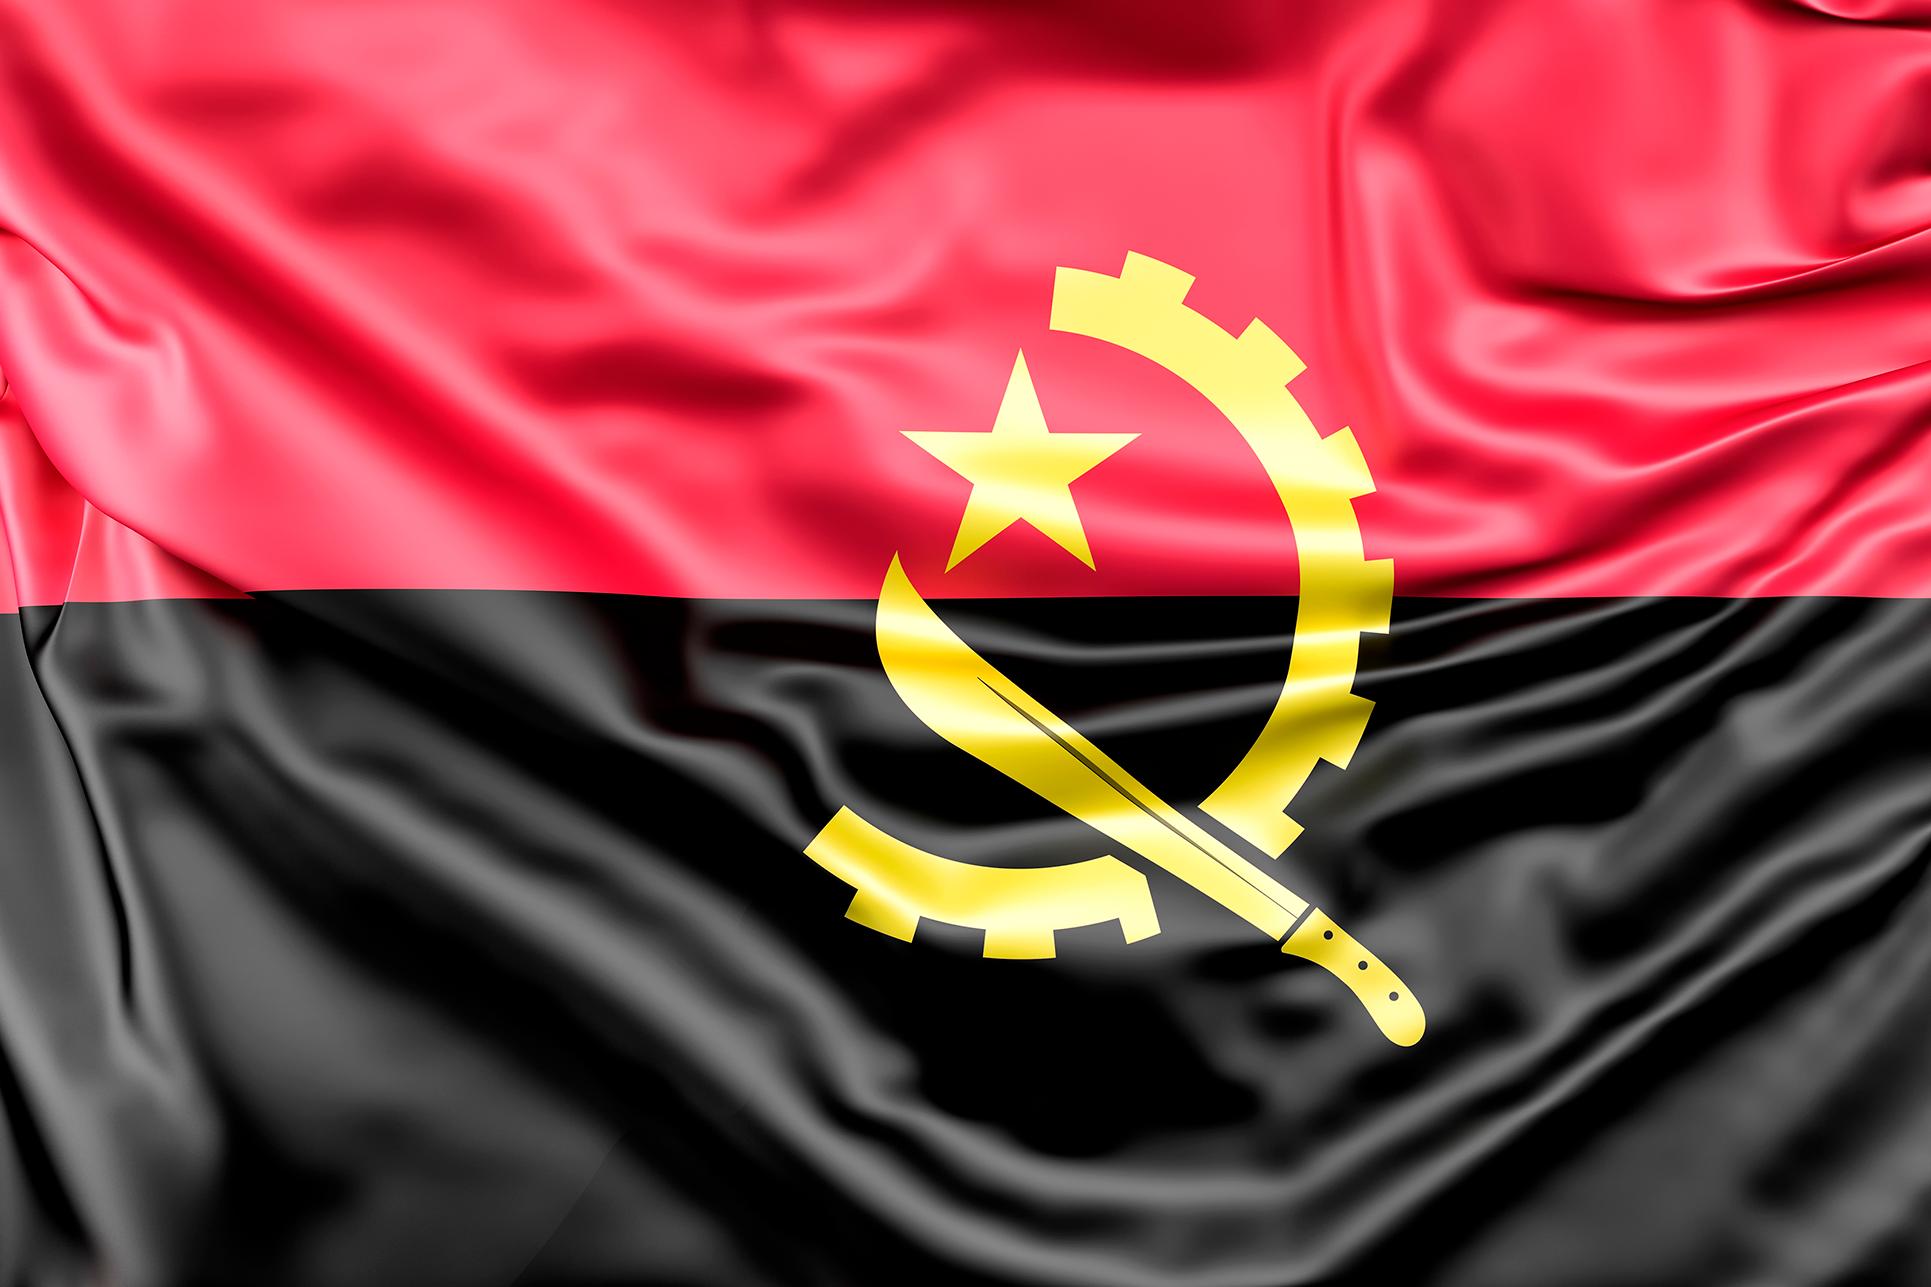 bandeira_angola